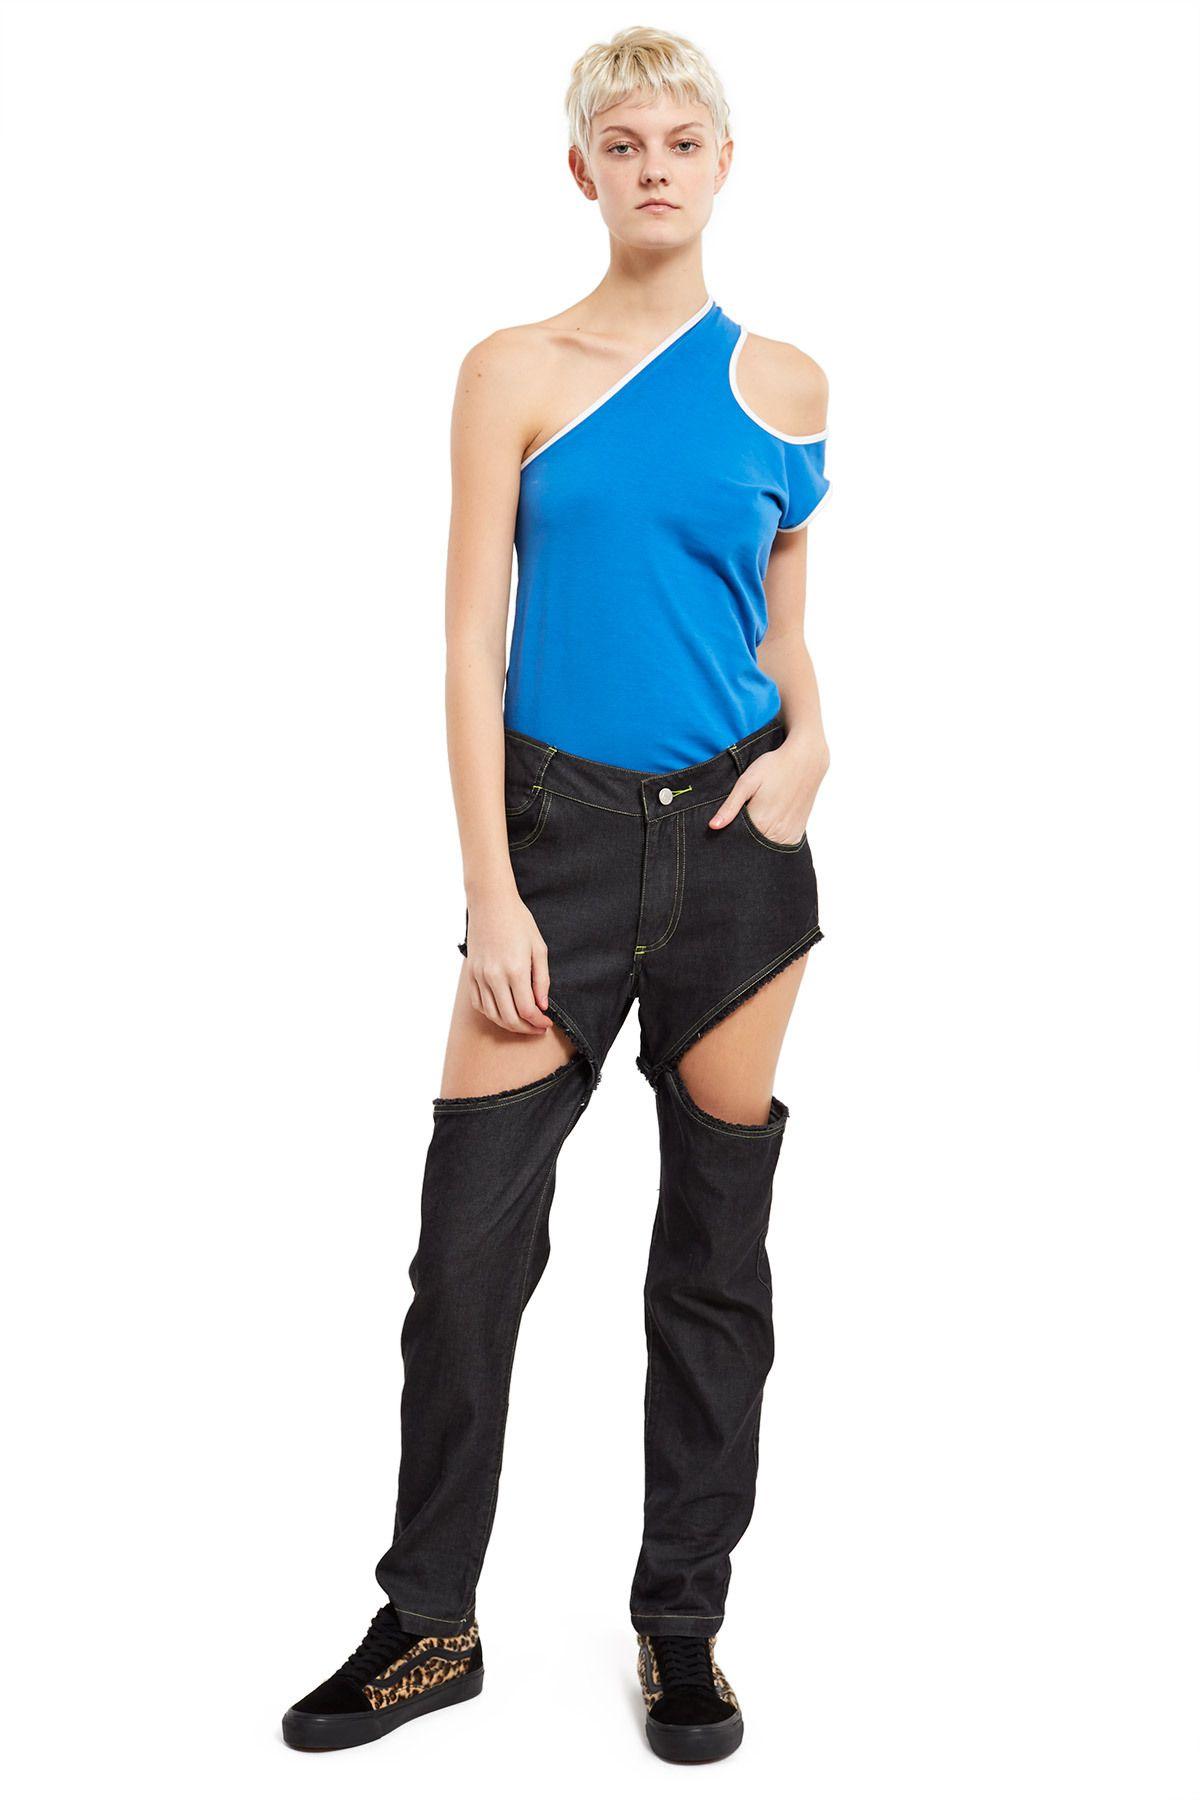 Telfar, Simplex Open Side Jeans These openside jeans can